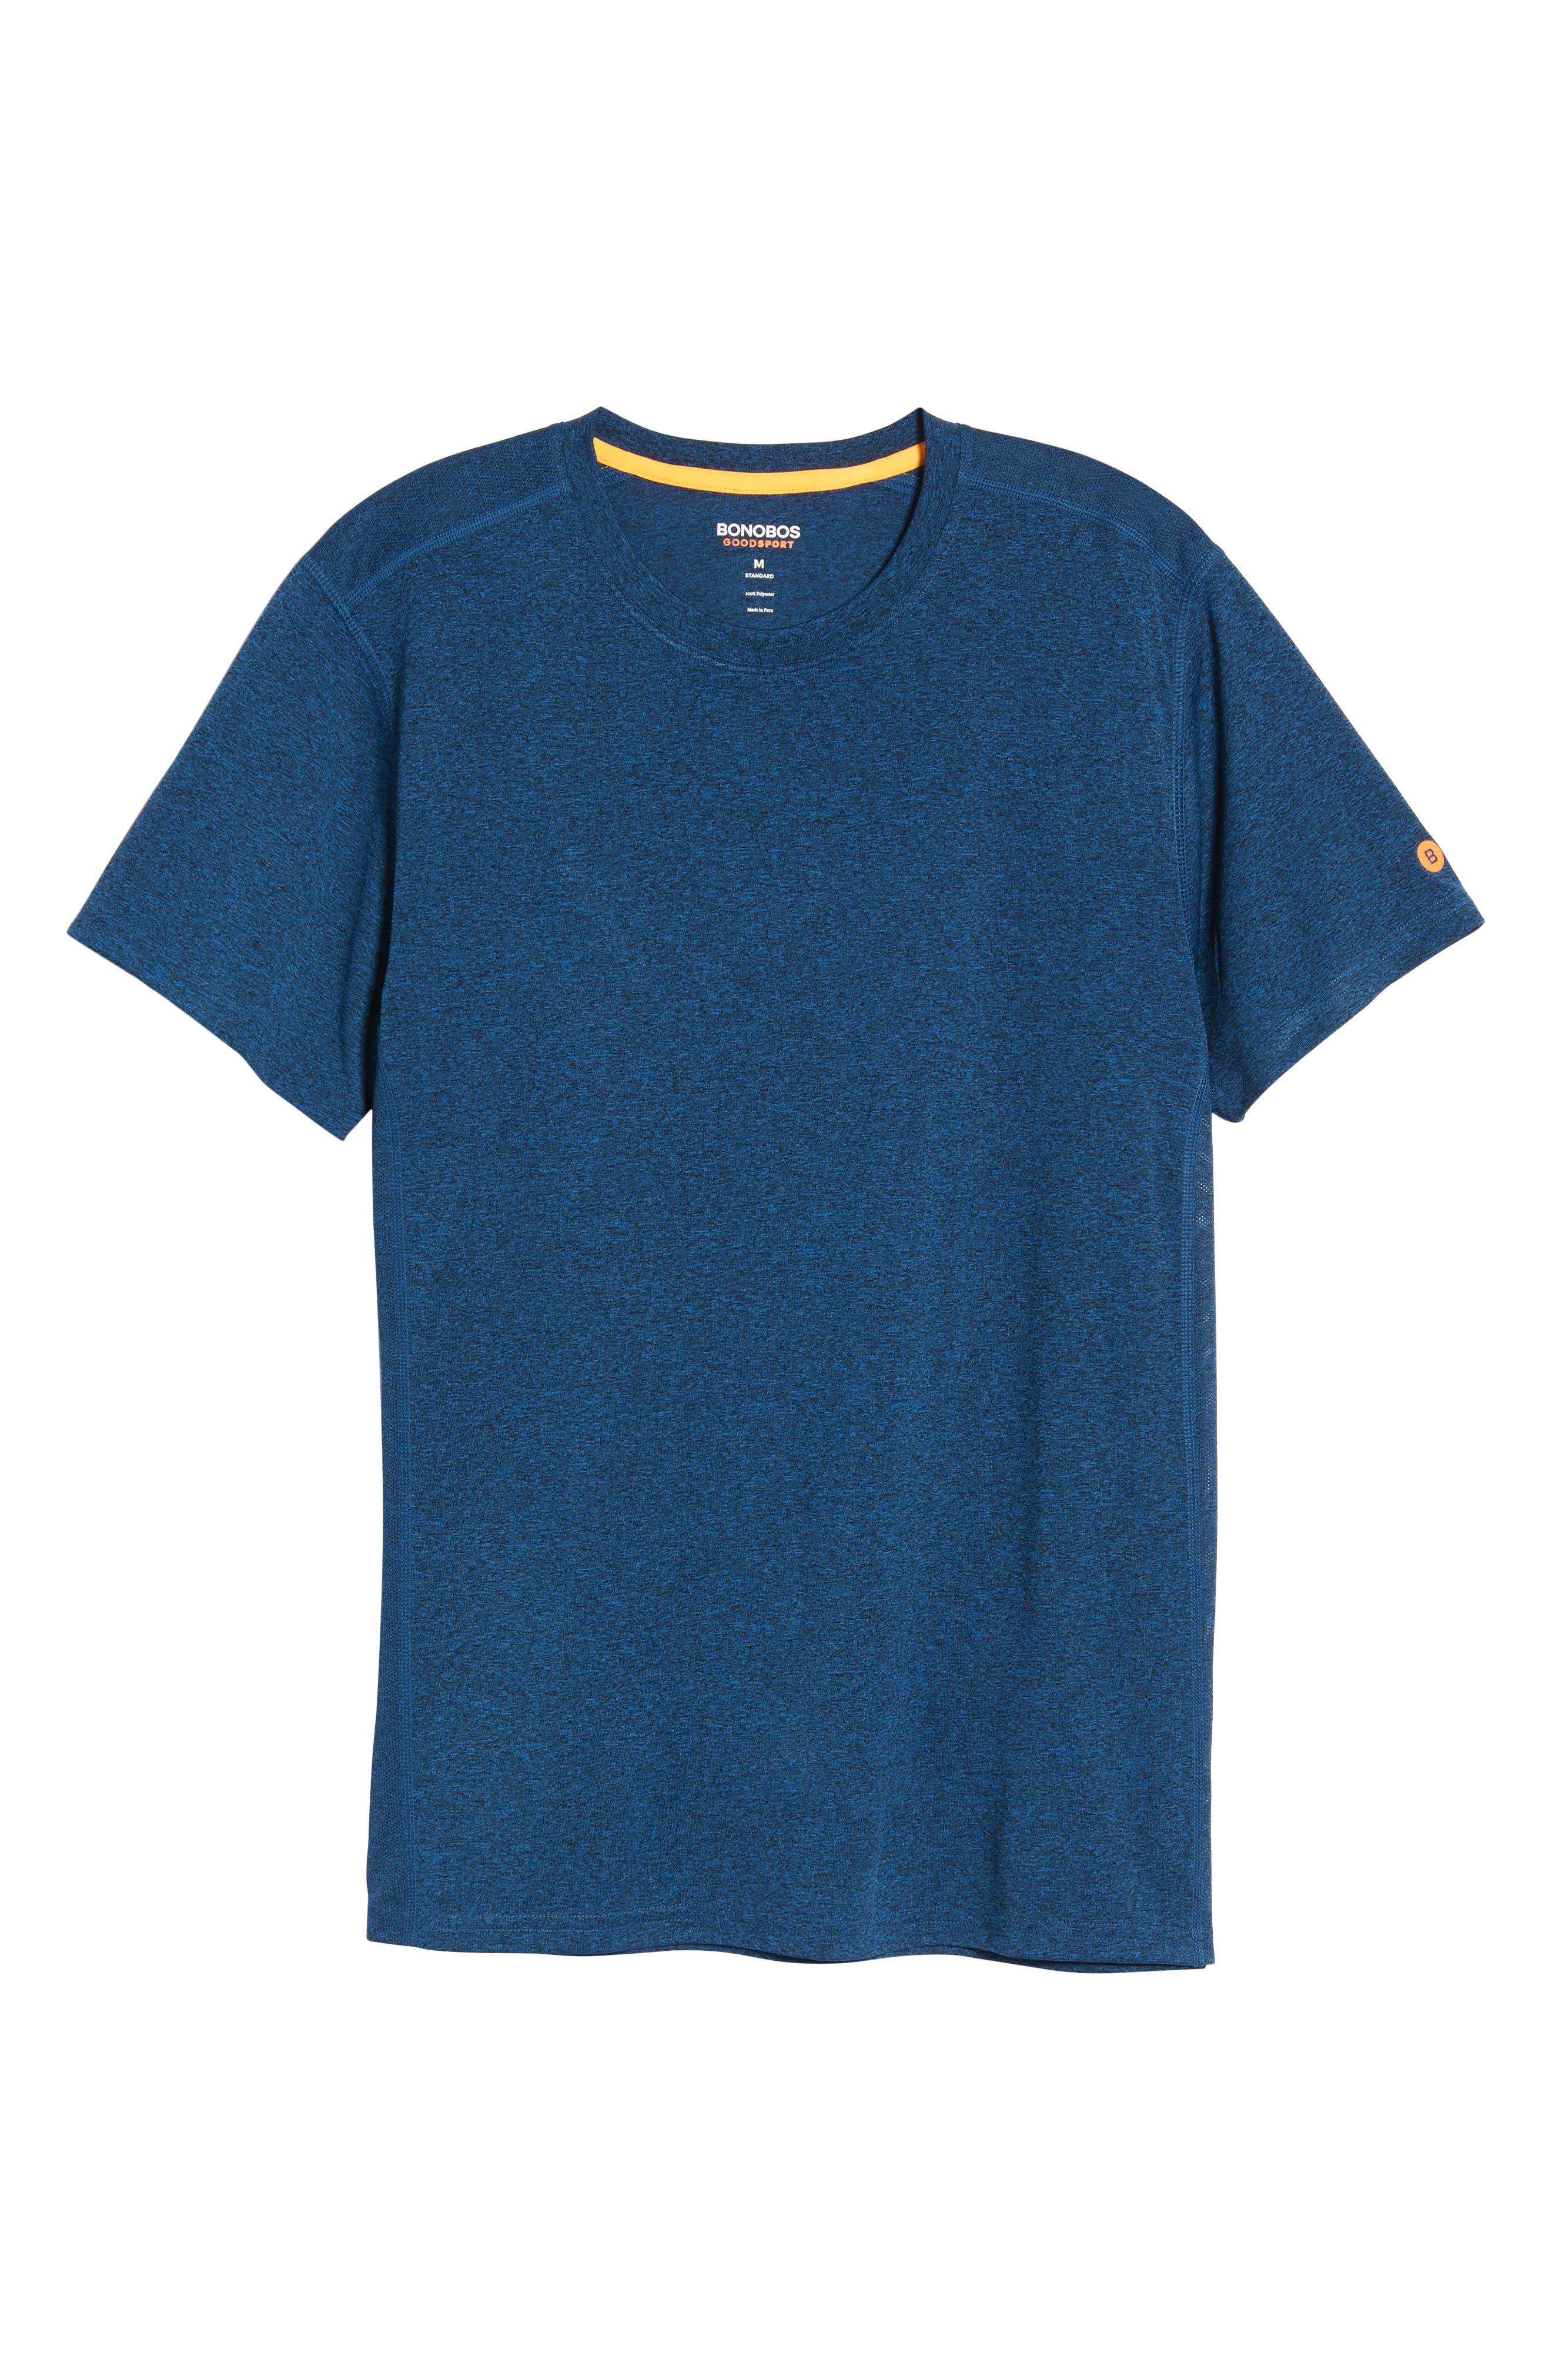 Goodsport Mesh Panel T-Shirt,                             Alternate thumbnail 6, color,                             LAPIS BLUE/ BLACK HEATHER